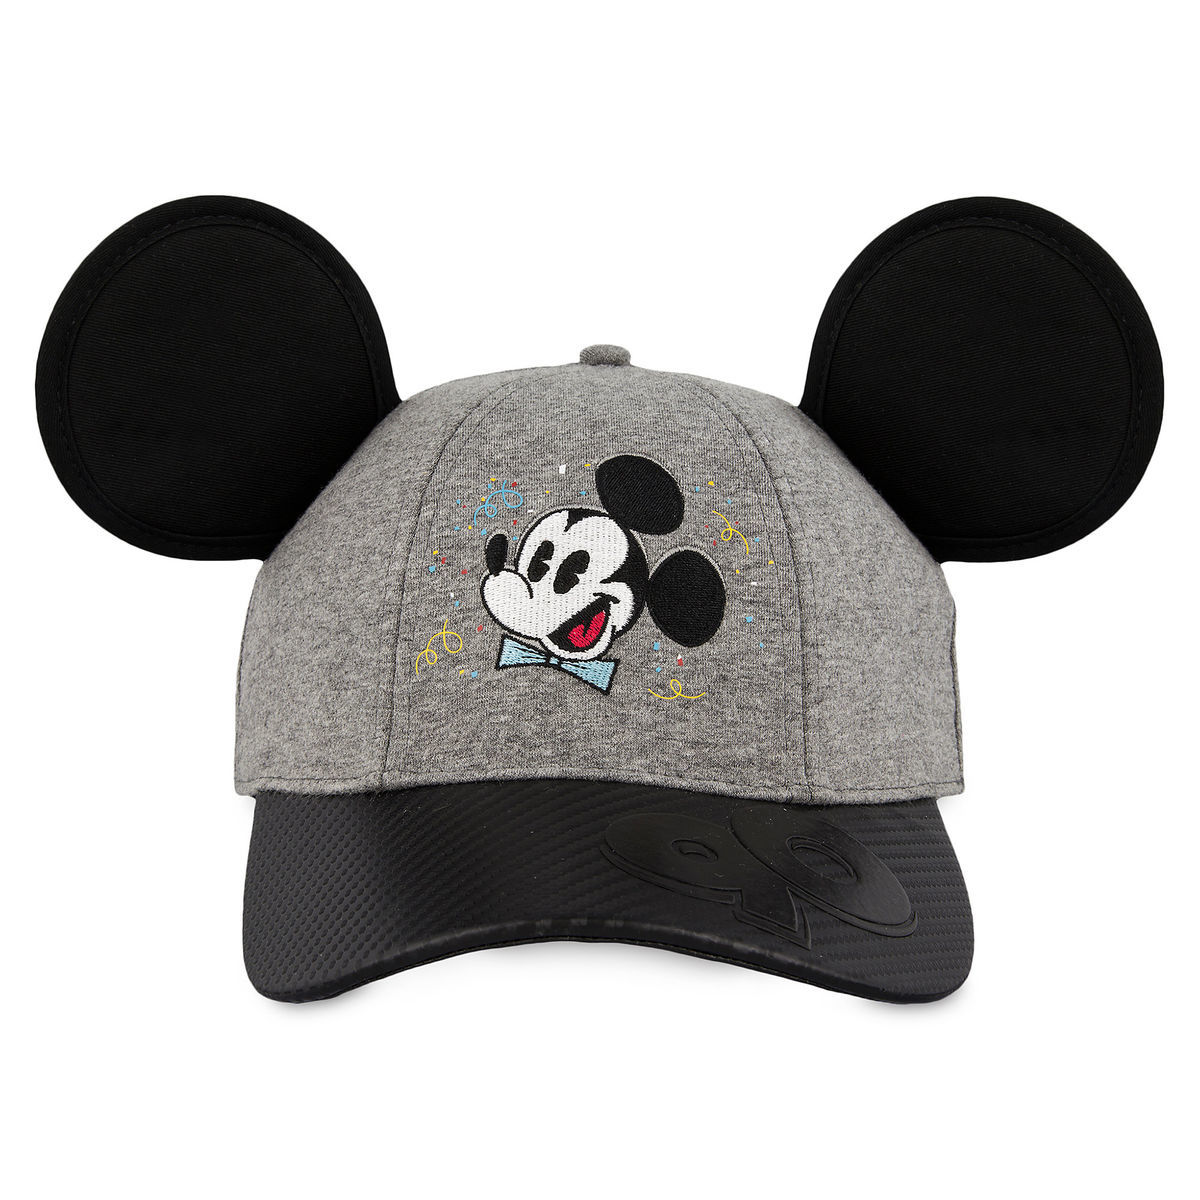 6e36177683eba Disney Hat - Baseball Cap - Celebration of the Mouse - Adults